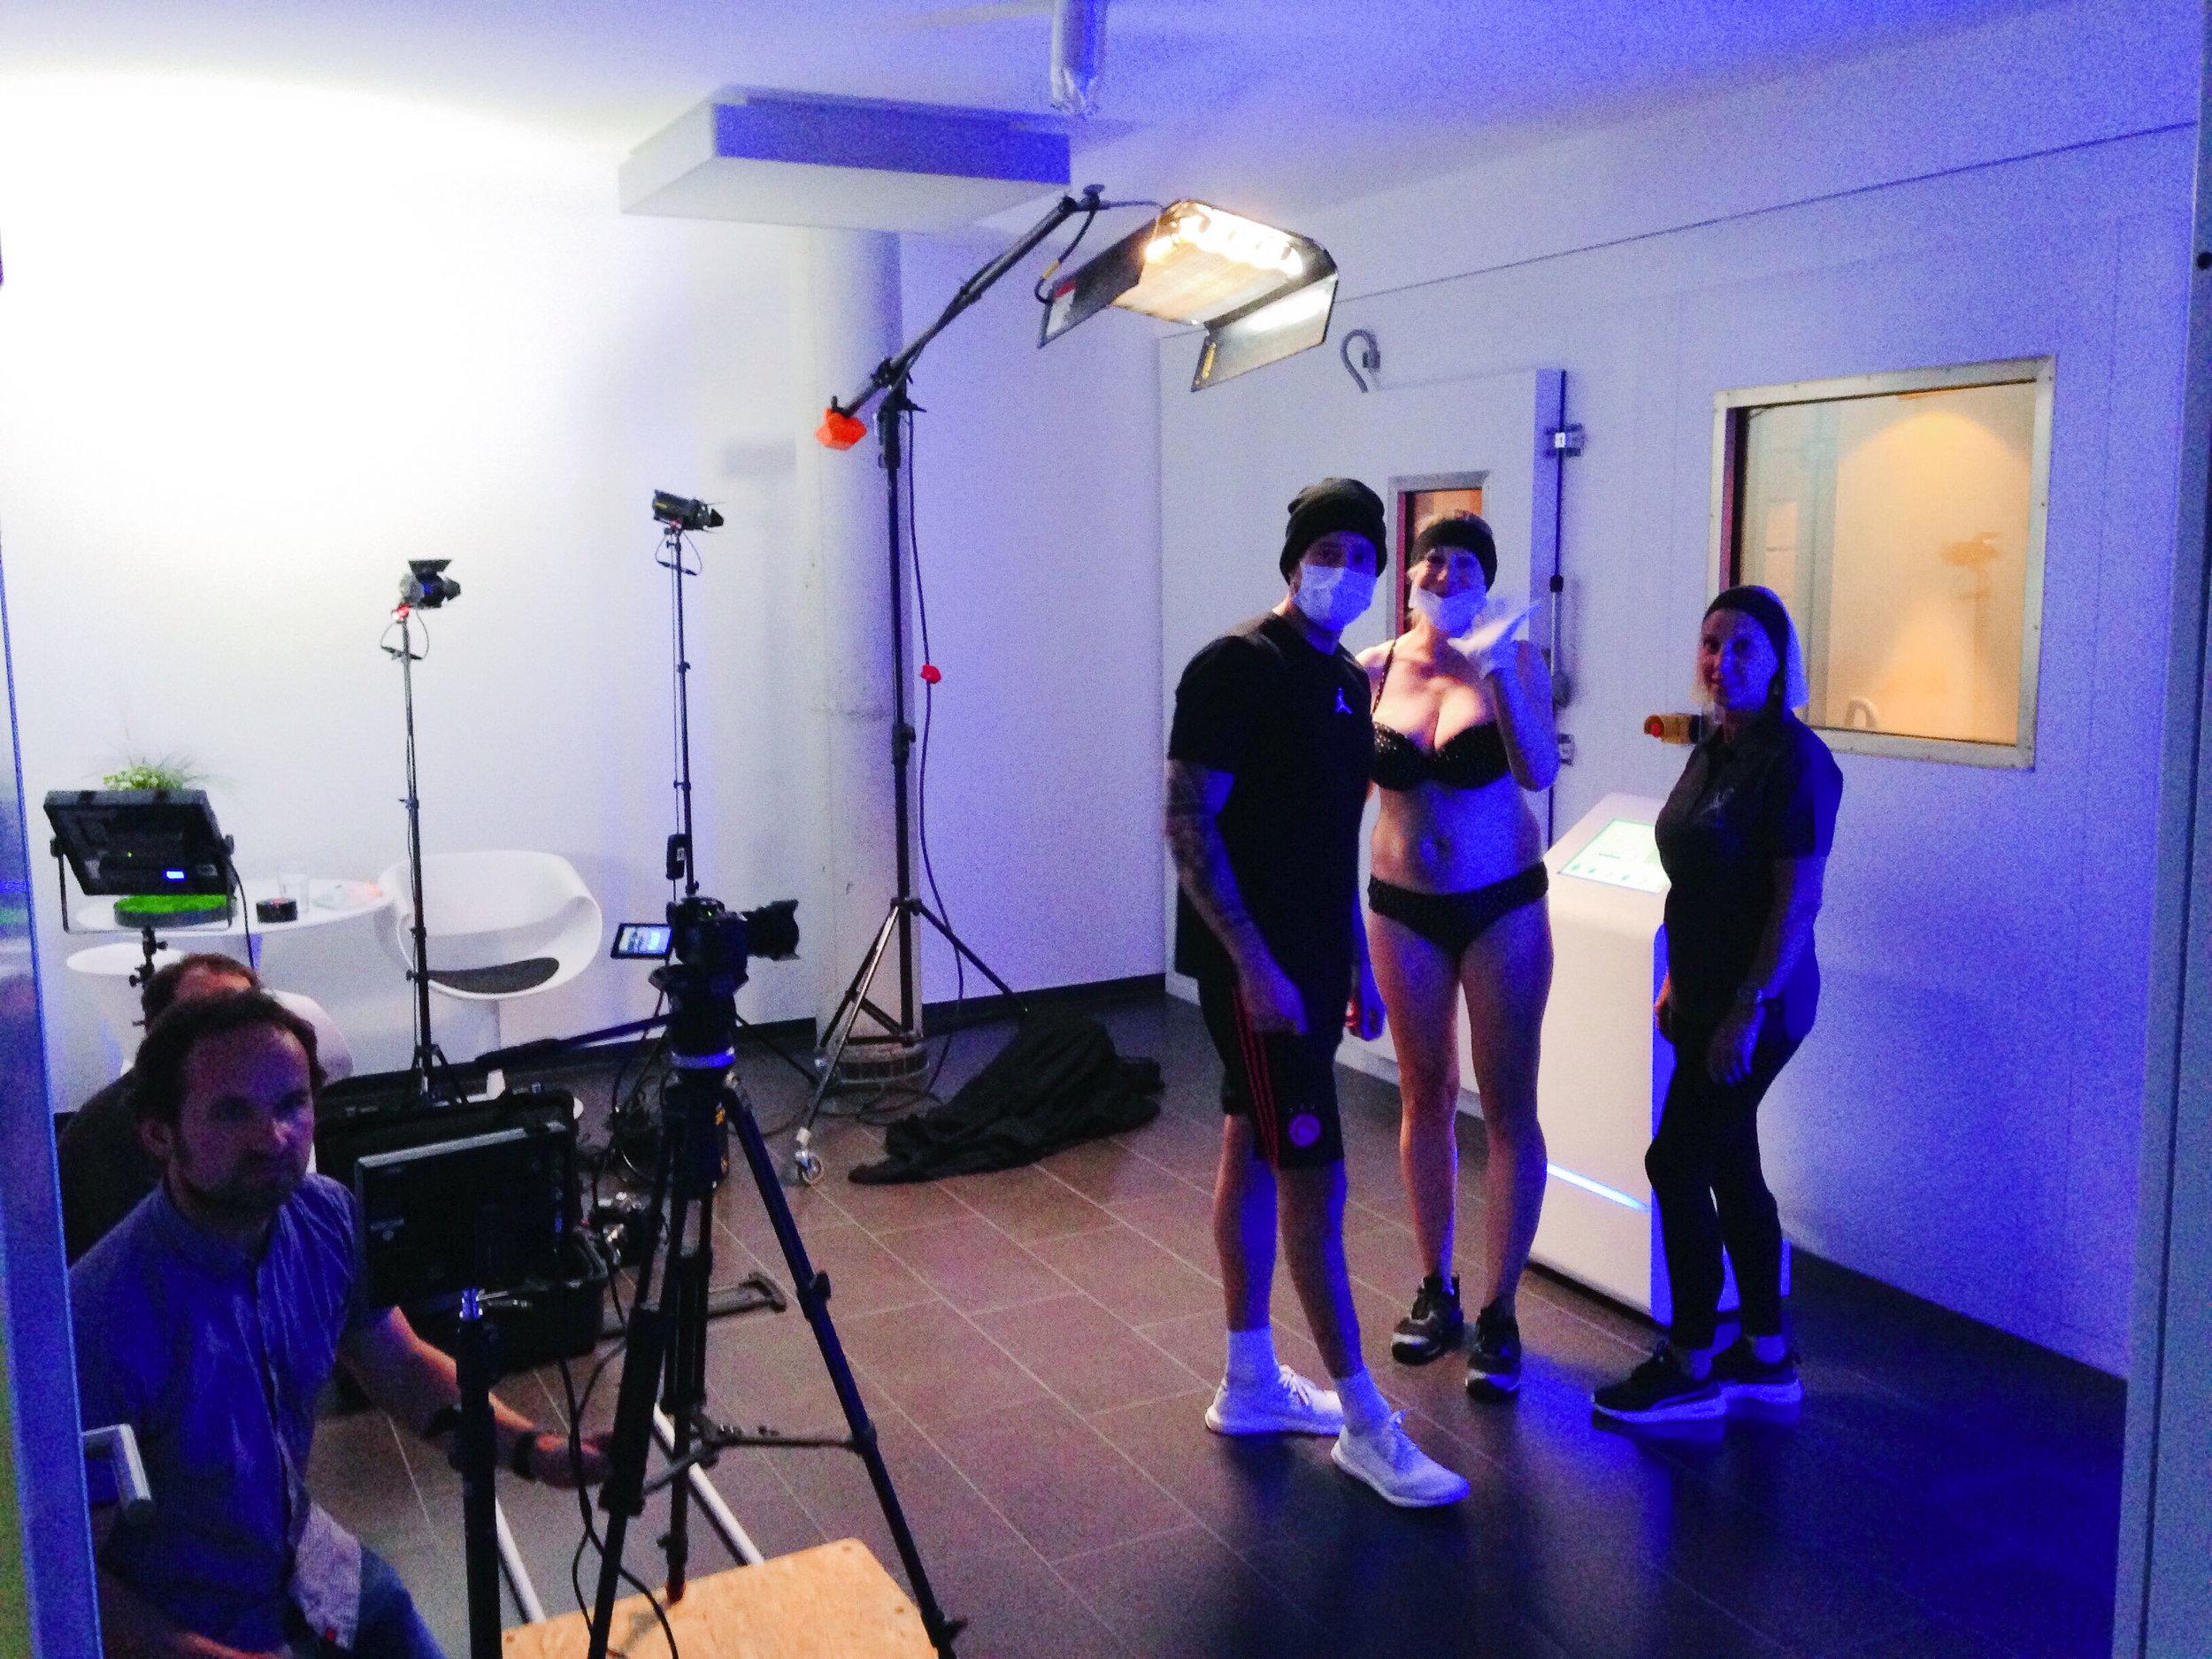 Fotograf Backstage Phil Meinwelt0577.jpg